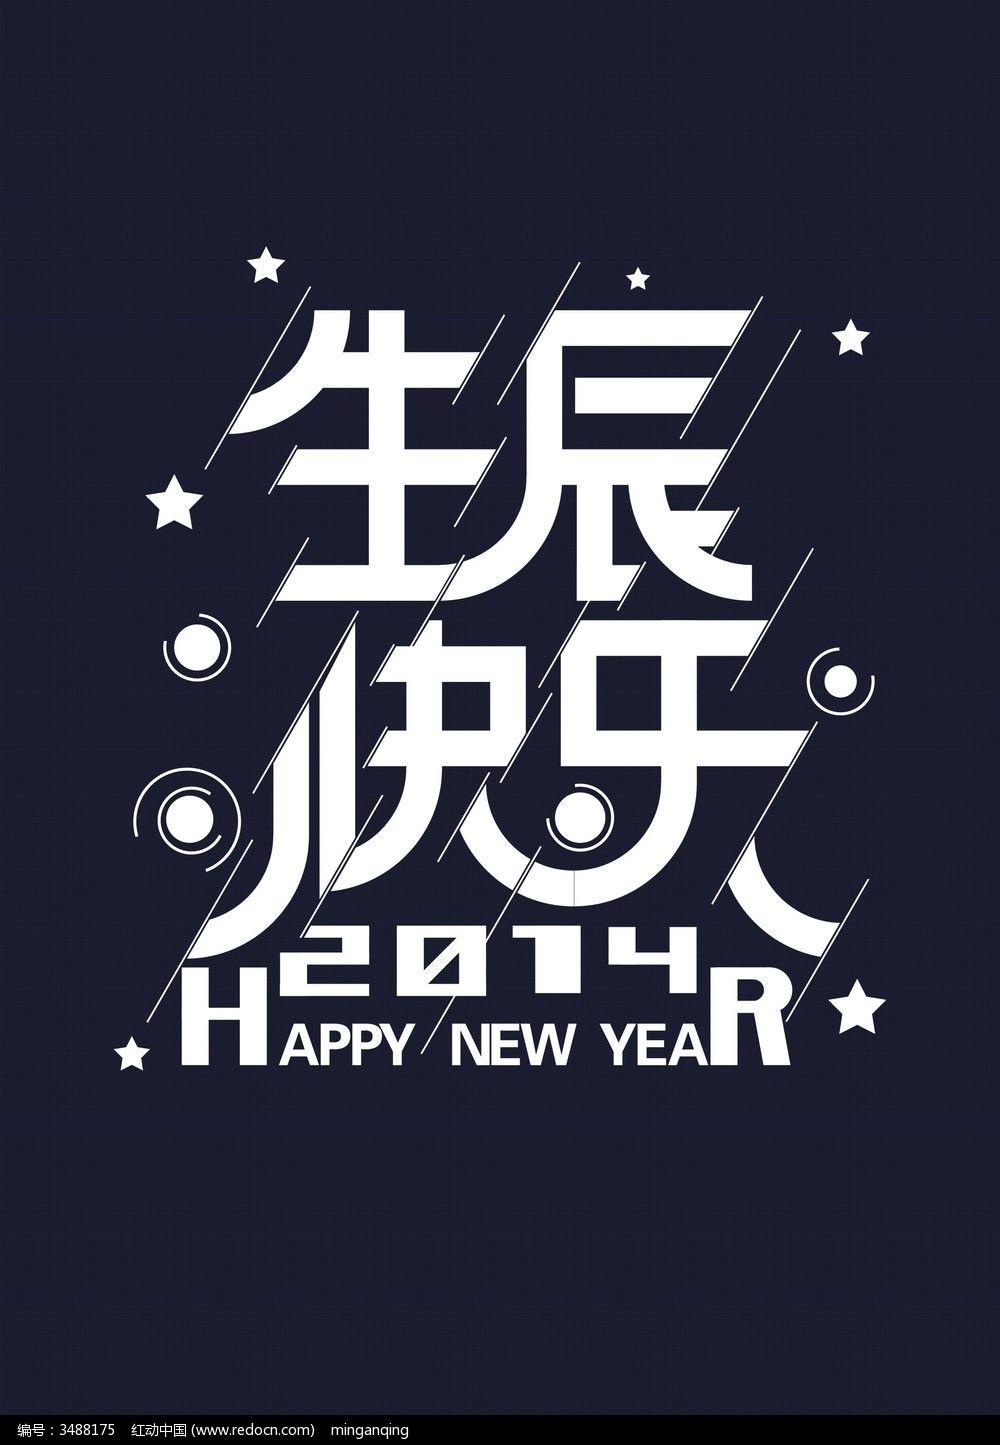 生日快乐字体设计图片